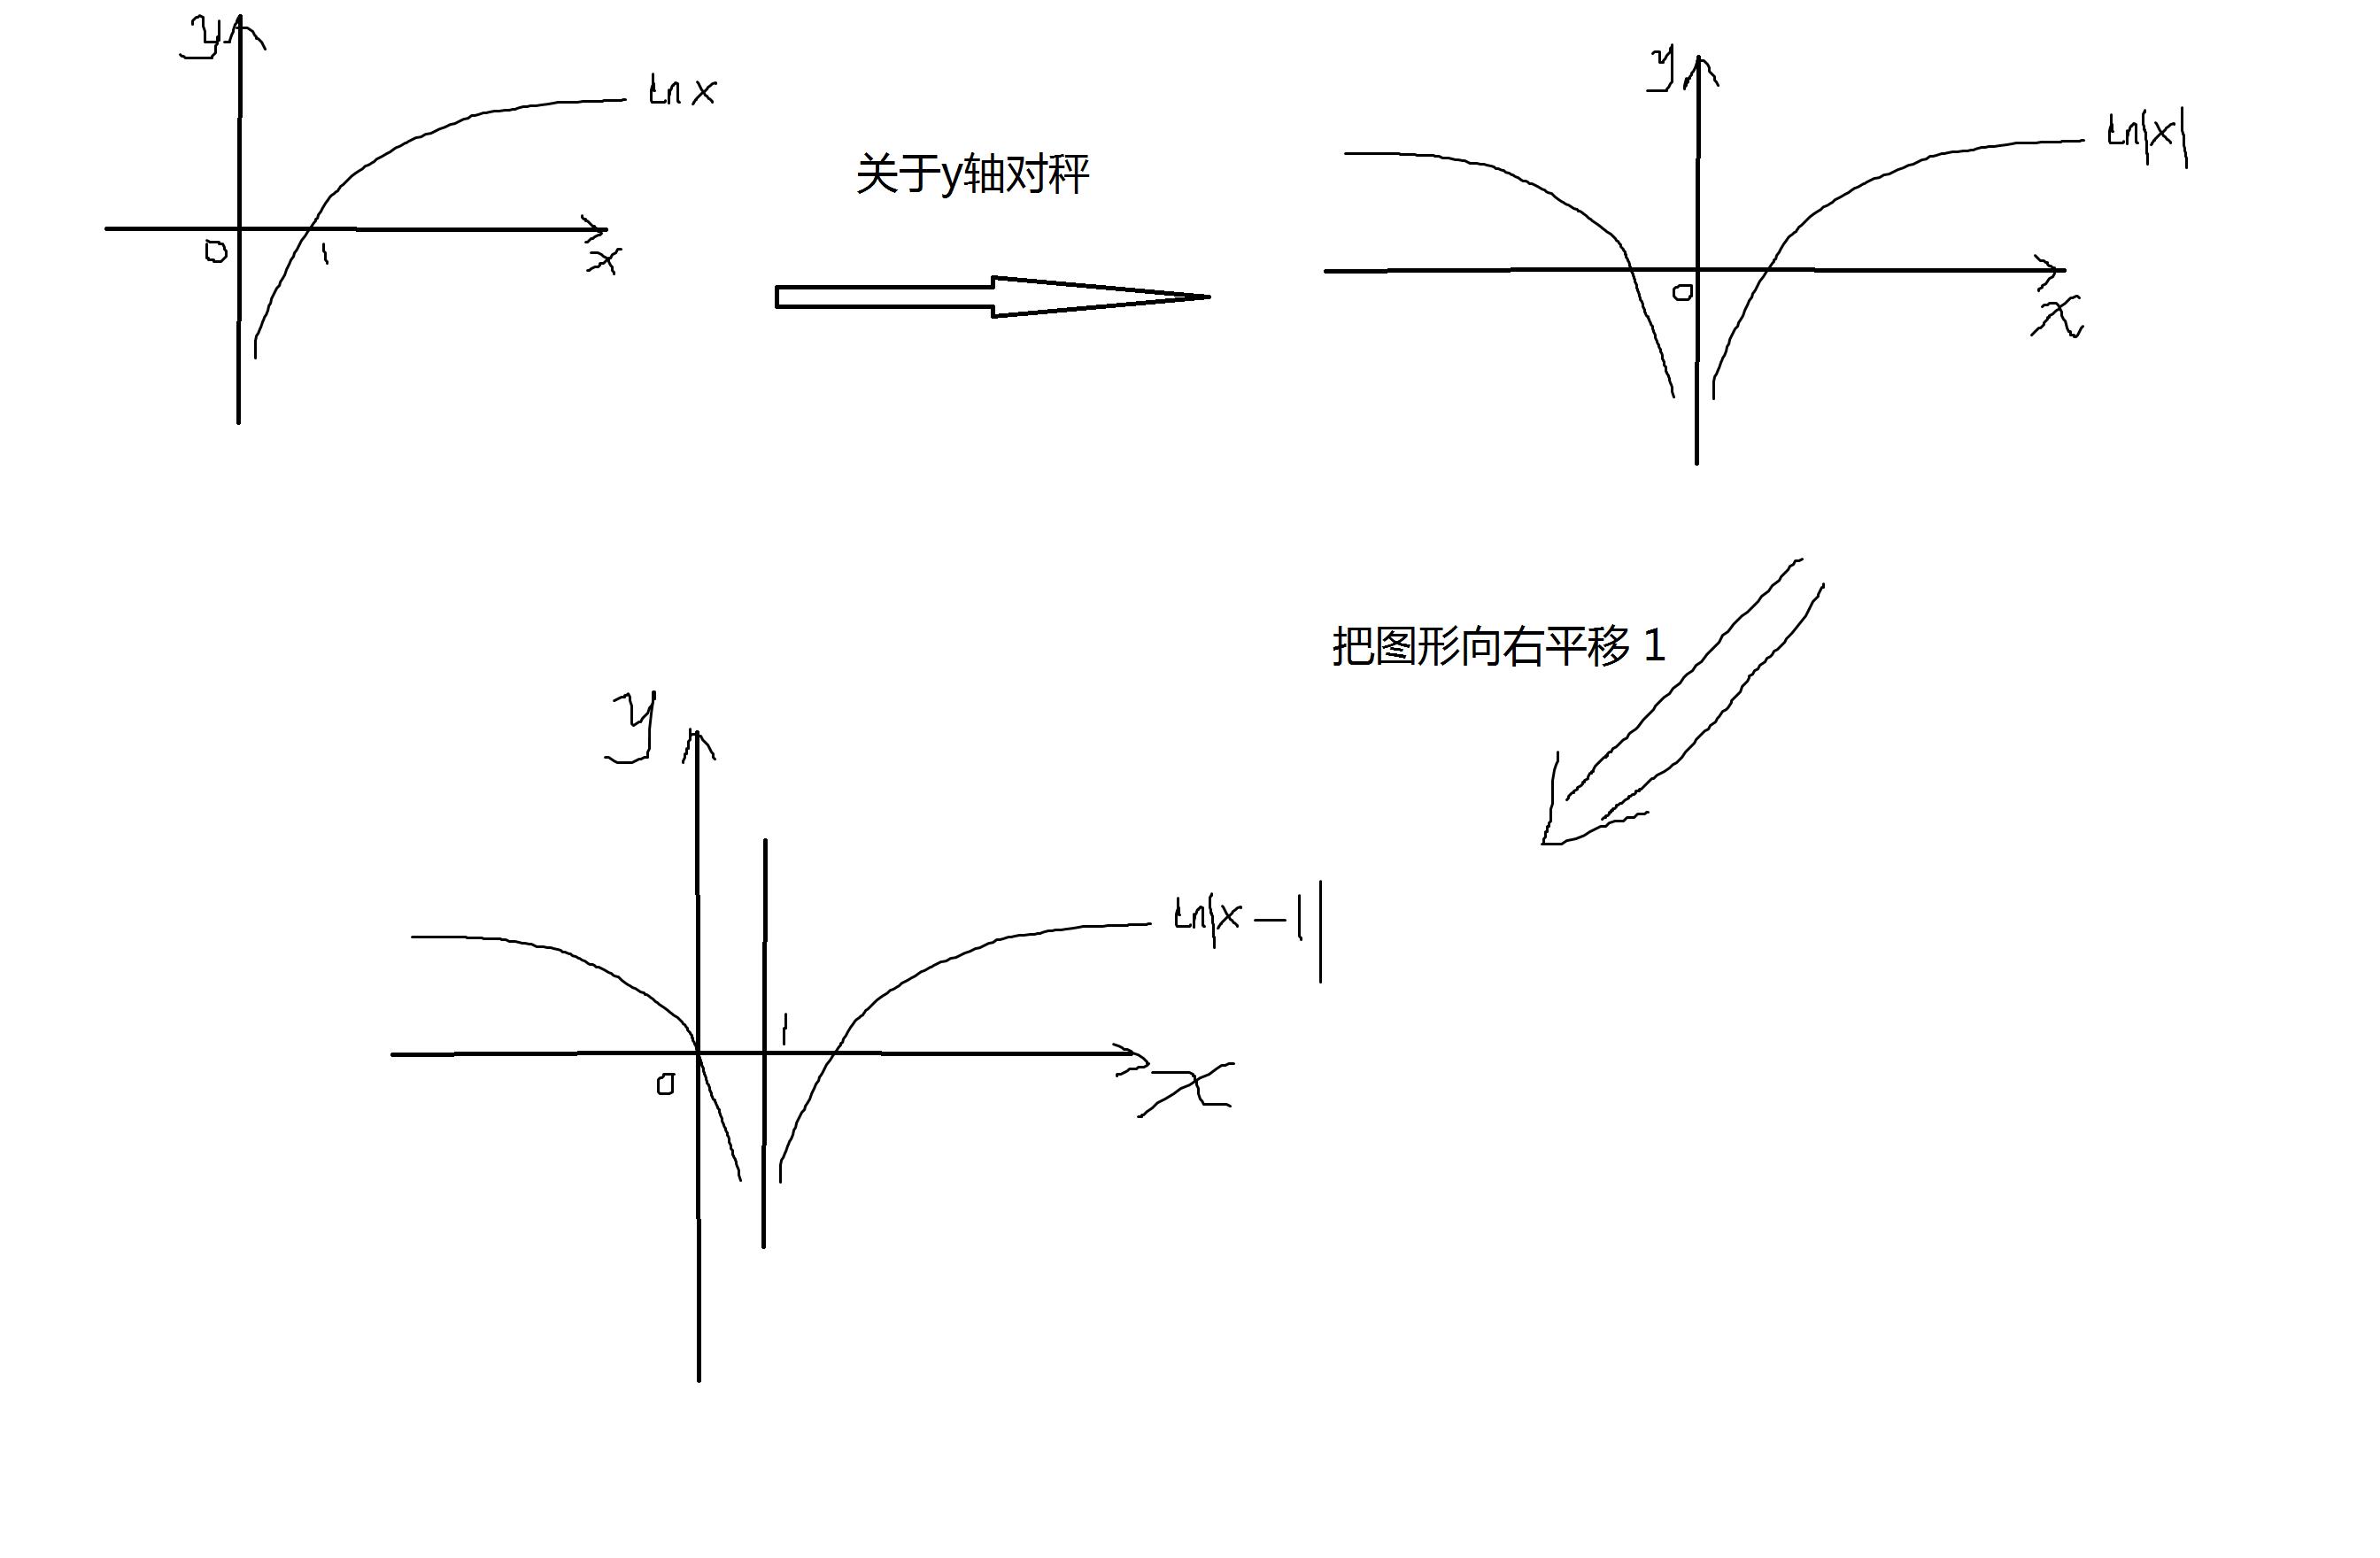 小人�y�a�.#y�*9��y�.Y���xn�)_数学题 y=ln丨x-1丨图像怎么画?给出图行吗?